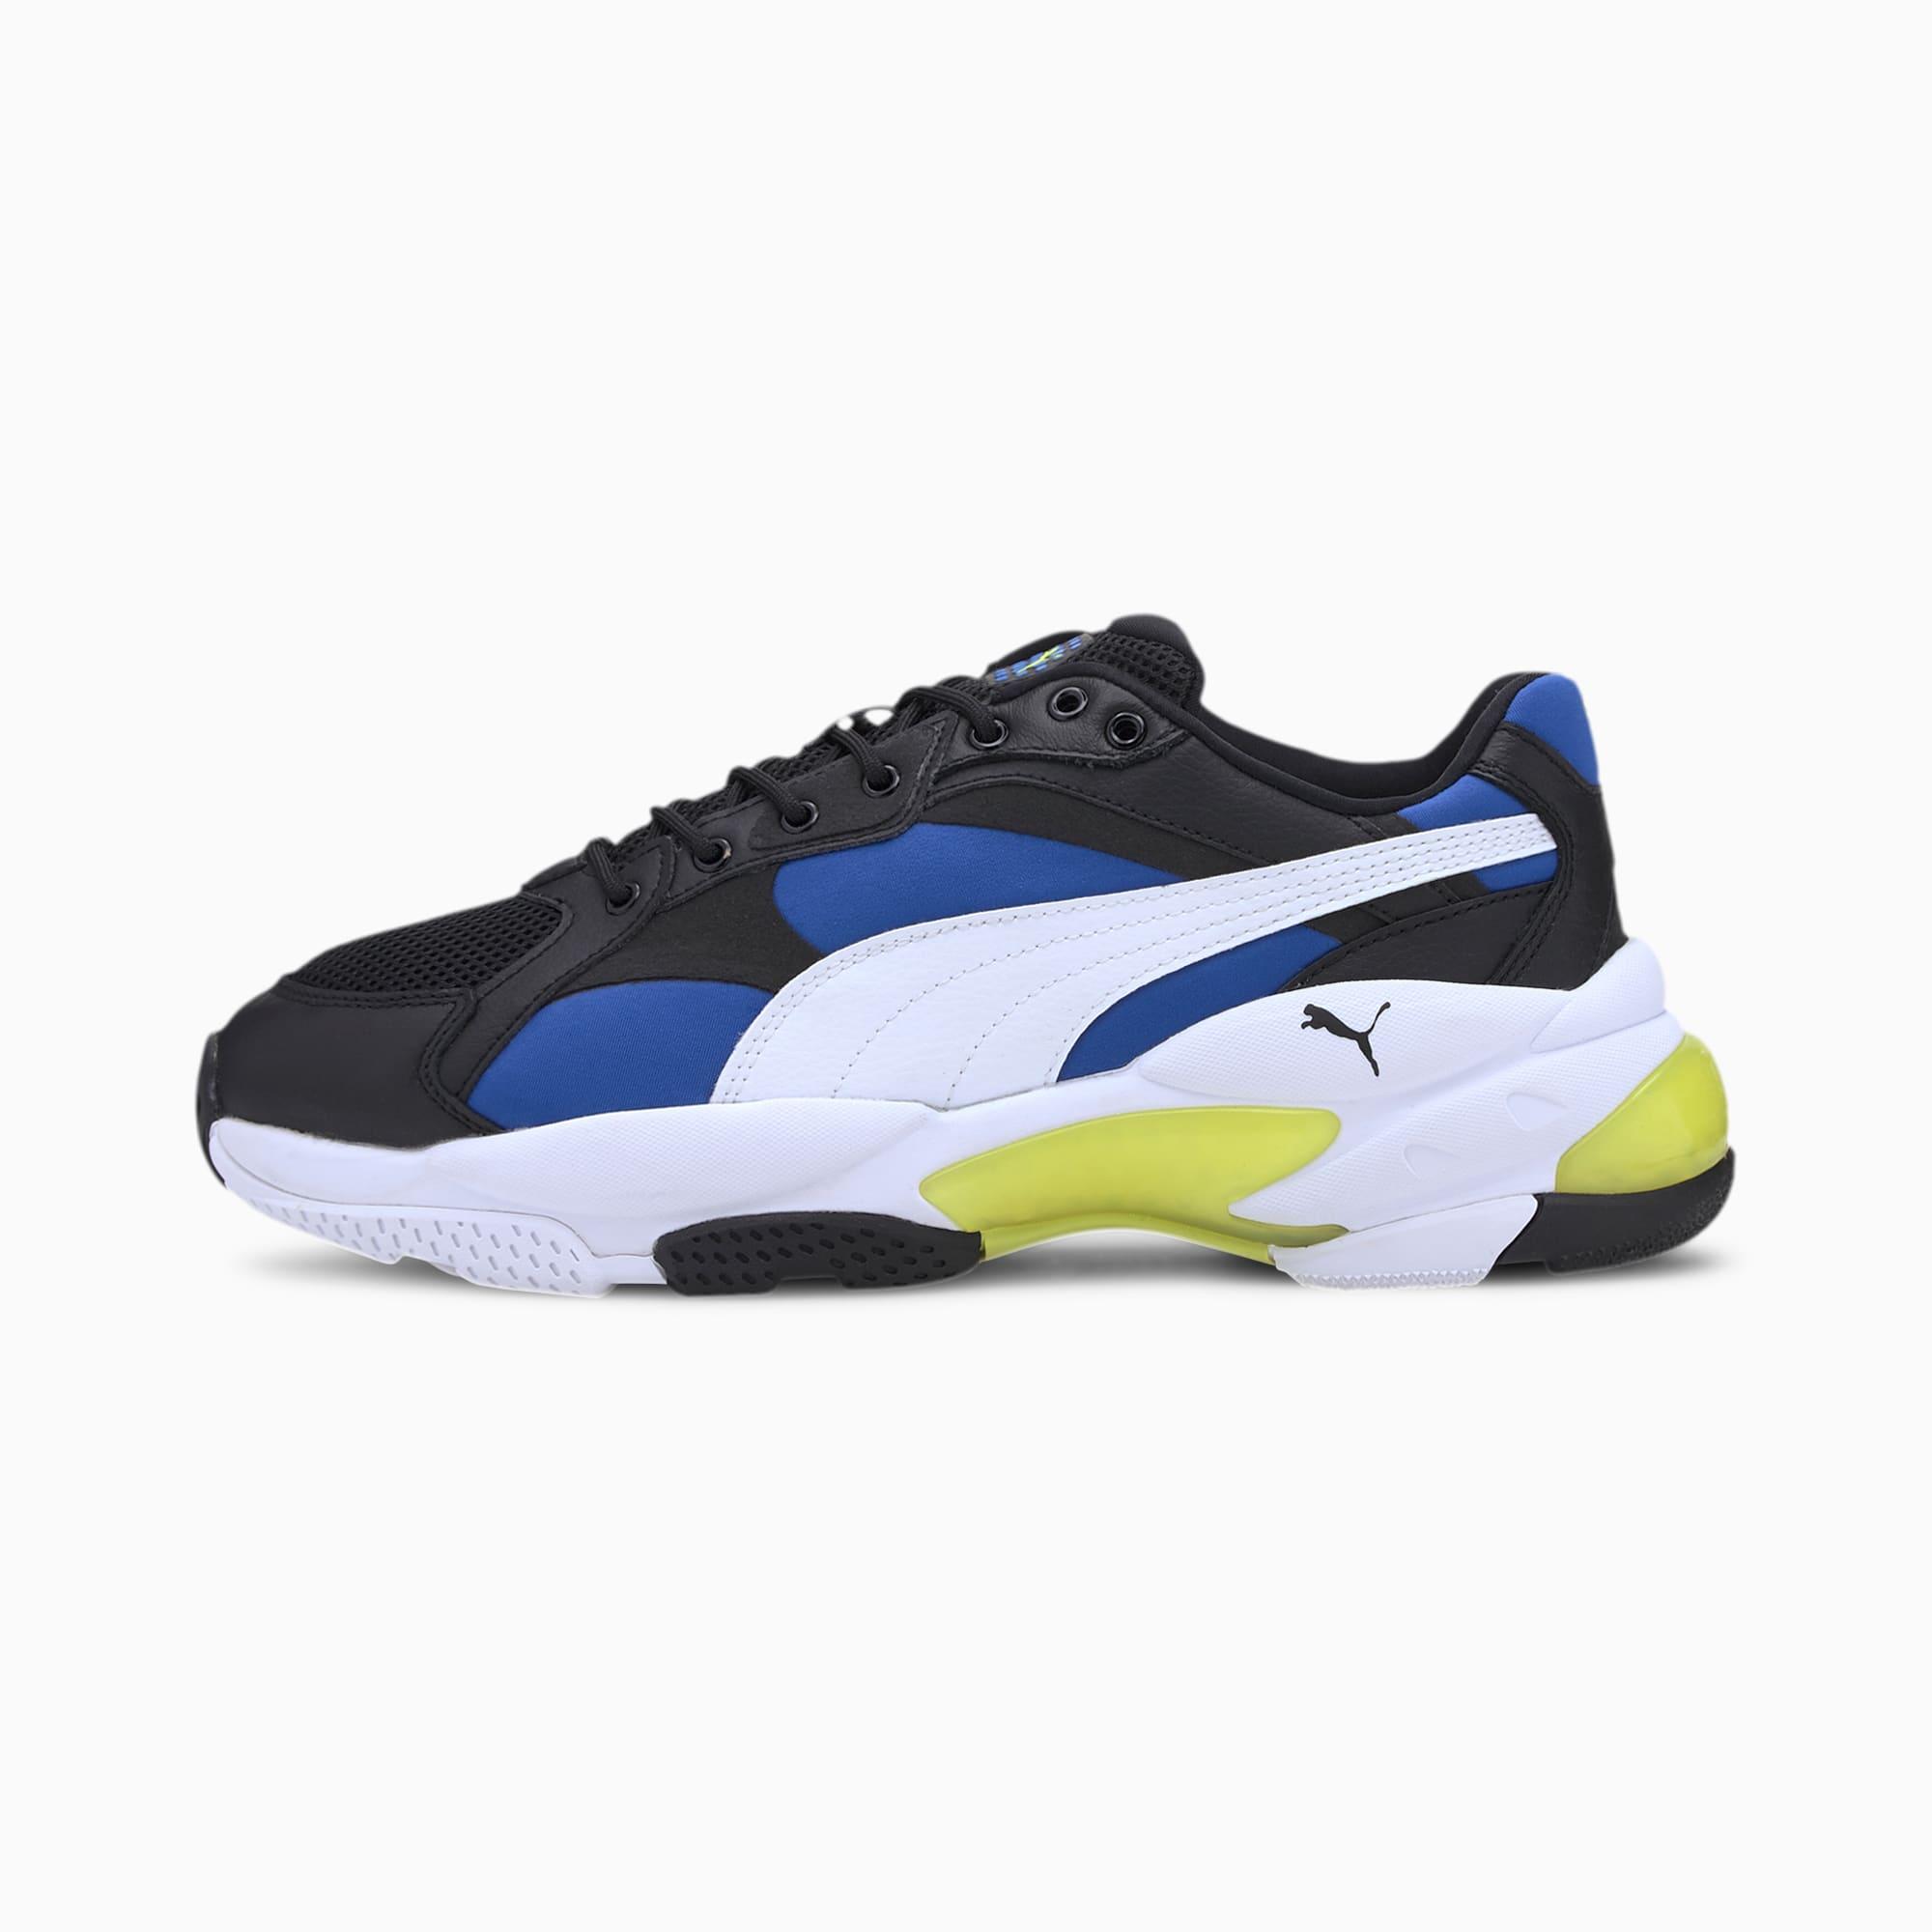 LQDCELL Epsilon PT Men's Training Shoes